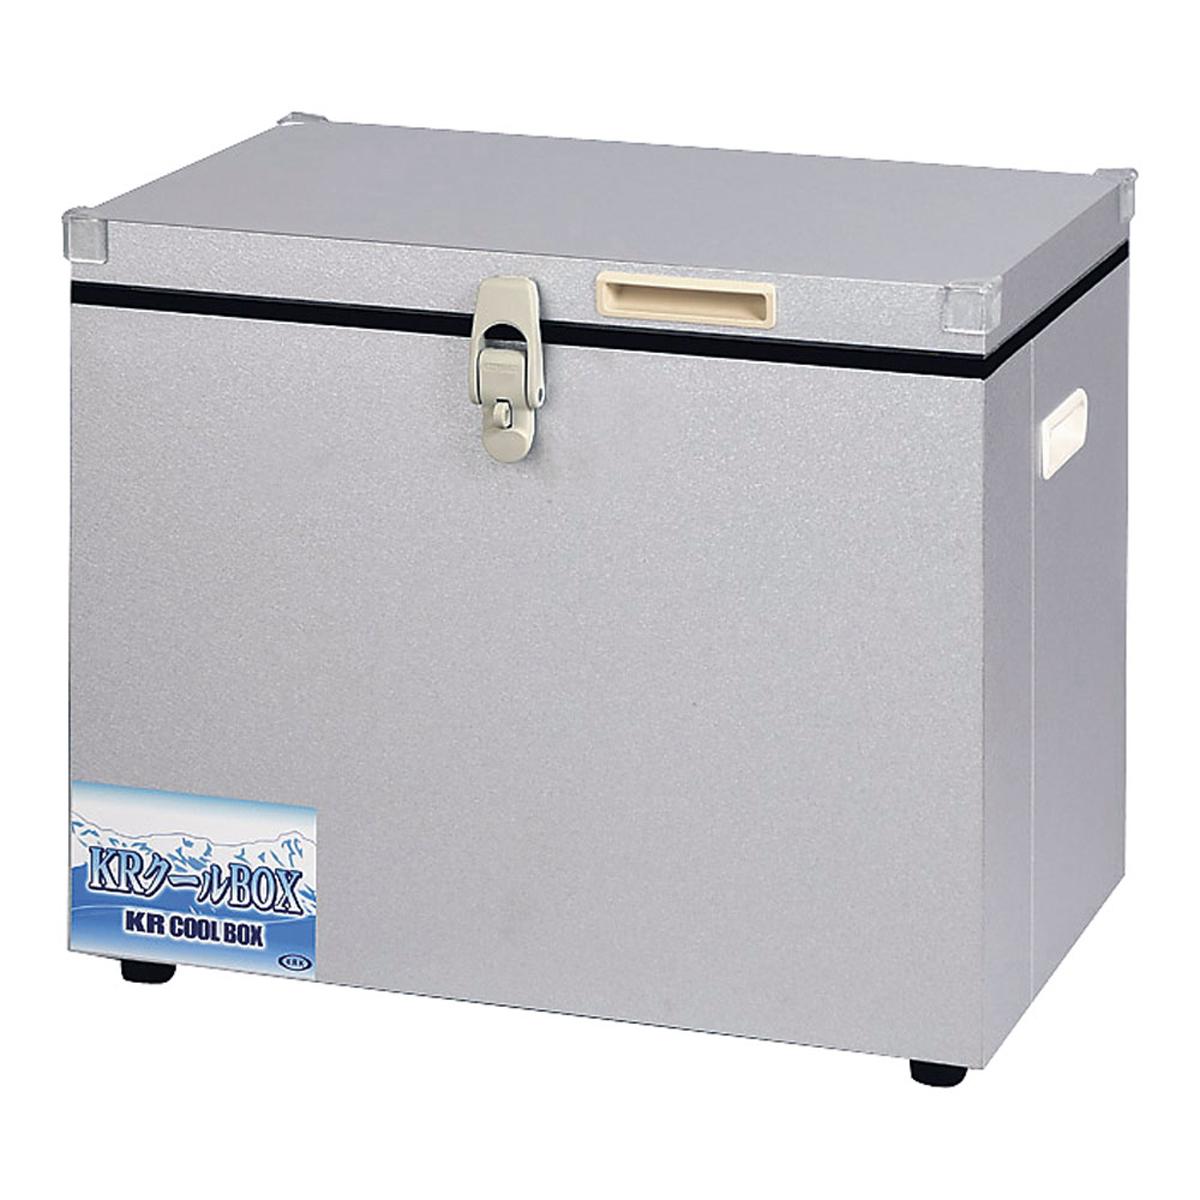 KRクールBOX-S(新タイプ) KRCL-40LS STタイプ [運賃別途お見積り] [メーカー直送 代引き不可] 【厨房用品 料理道具 バット 番重 コンテナ 業務用 販売 通販】 [7-0166-1002 6-0164-1002 ]